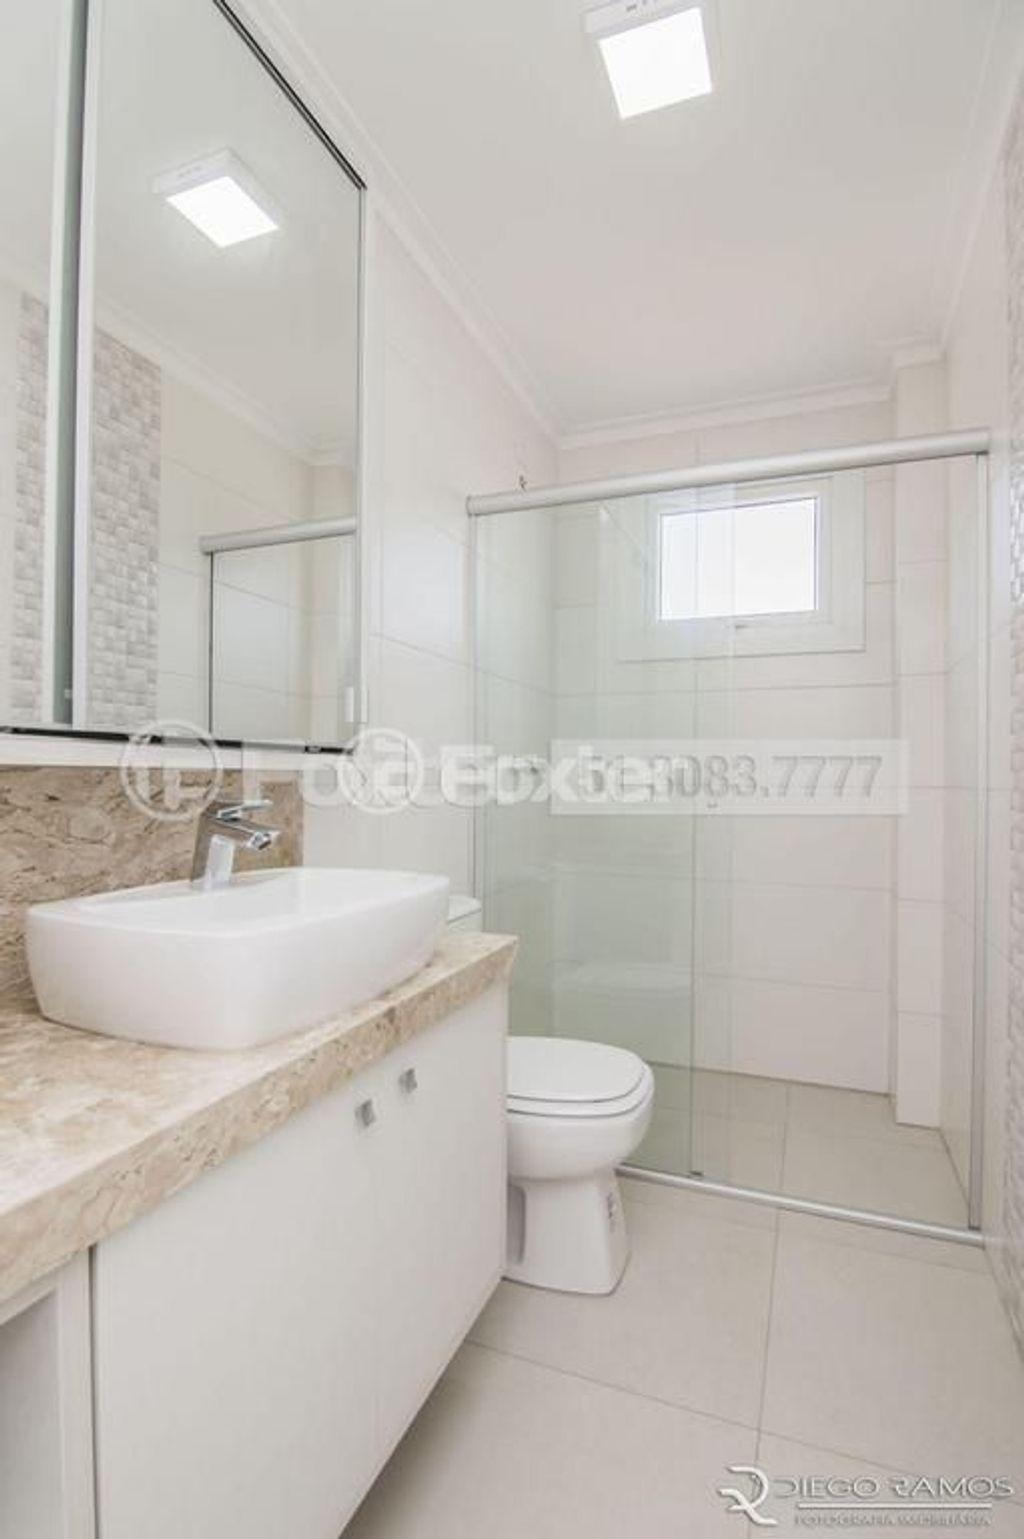 Apto 3 Dorm, Centro, Canoas (145072) - Foto 29